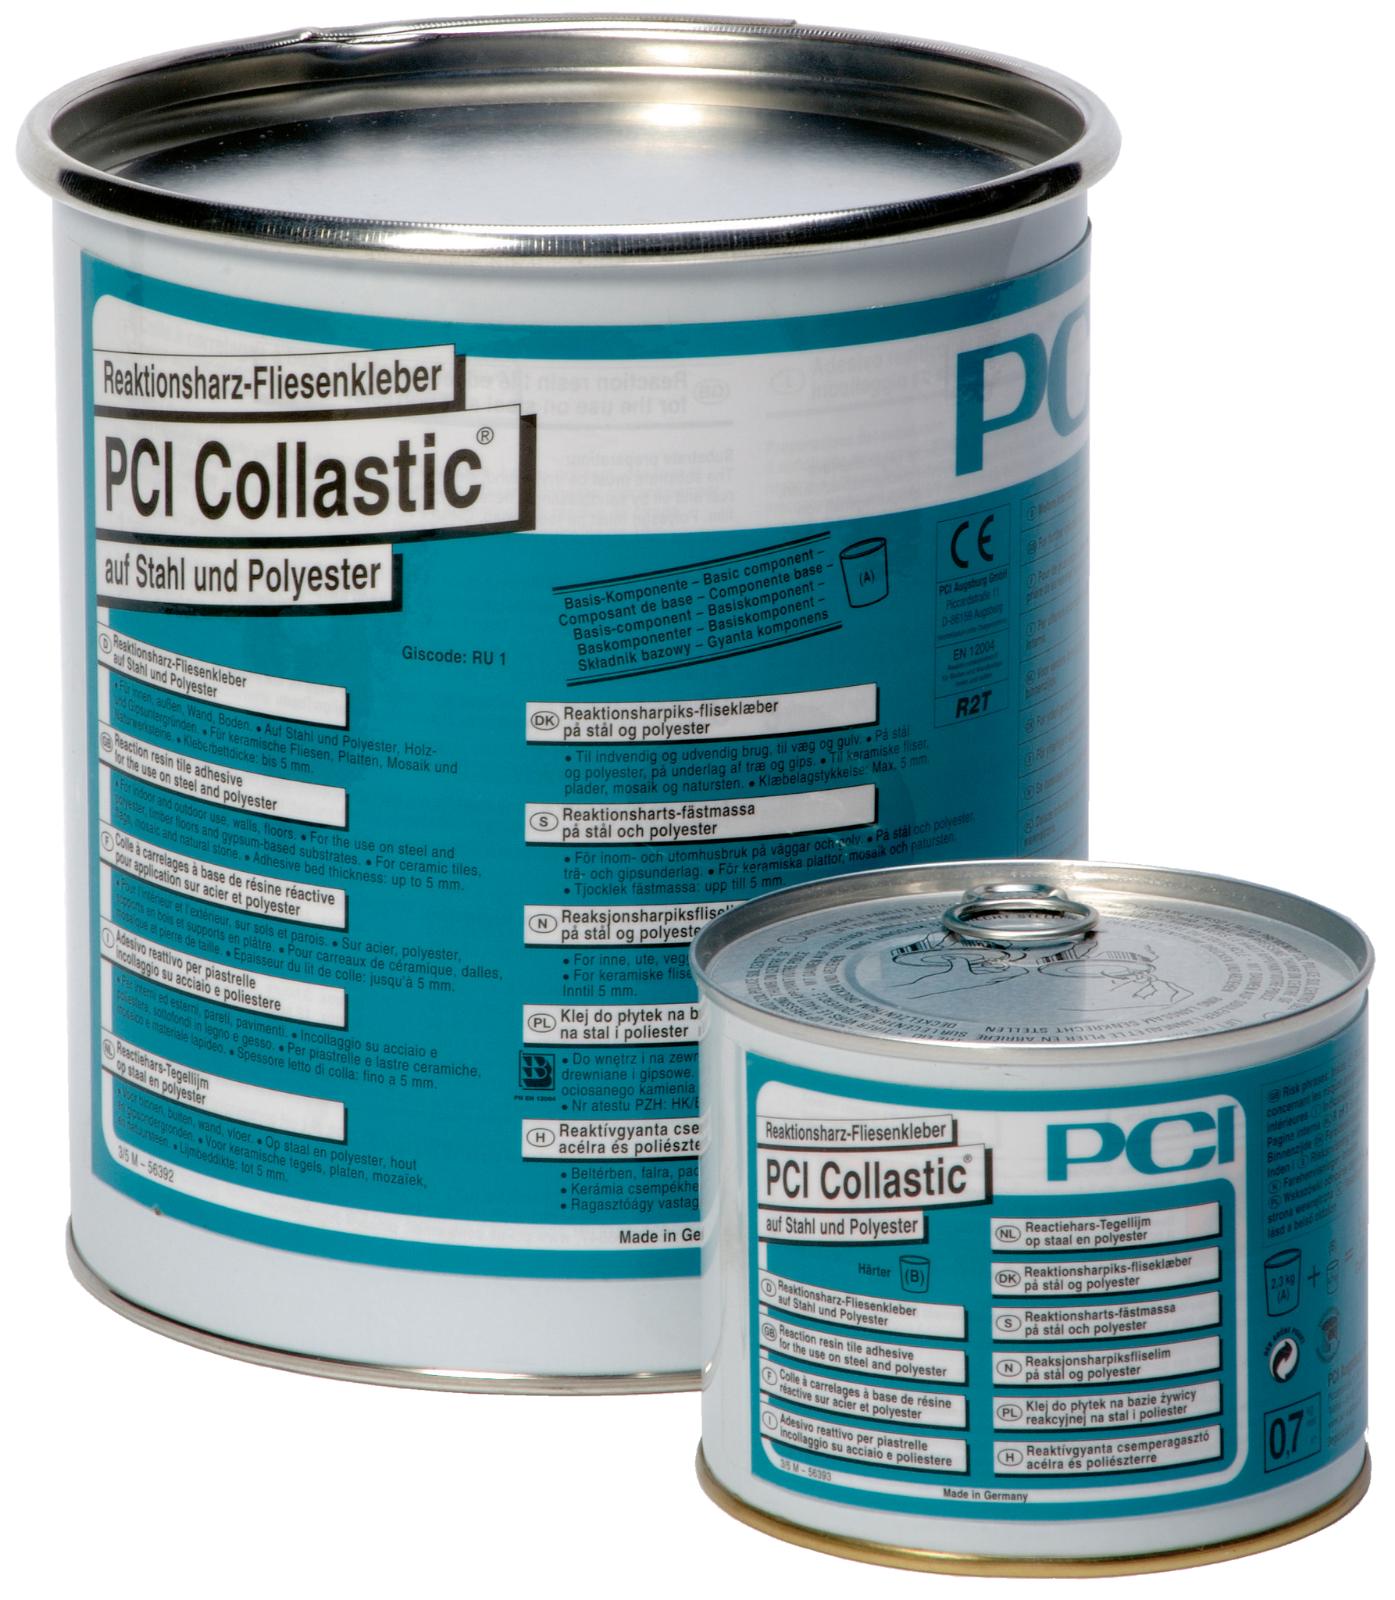 PCI Collastic Reaktionsharz-Fliesenkleberauf Stahl und Polyester hellblau 3 kg